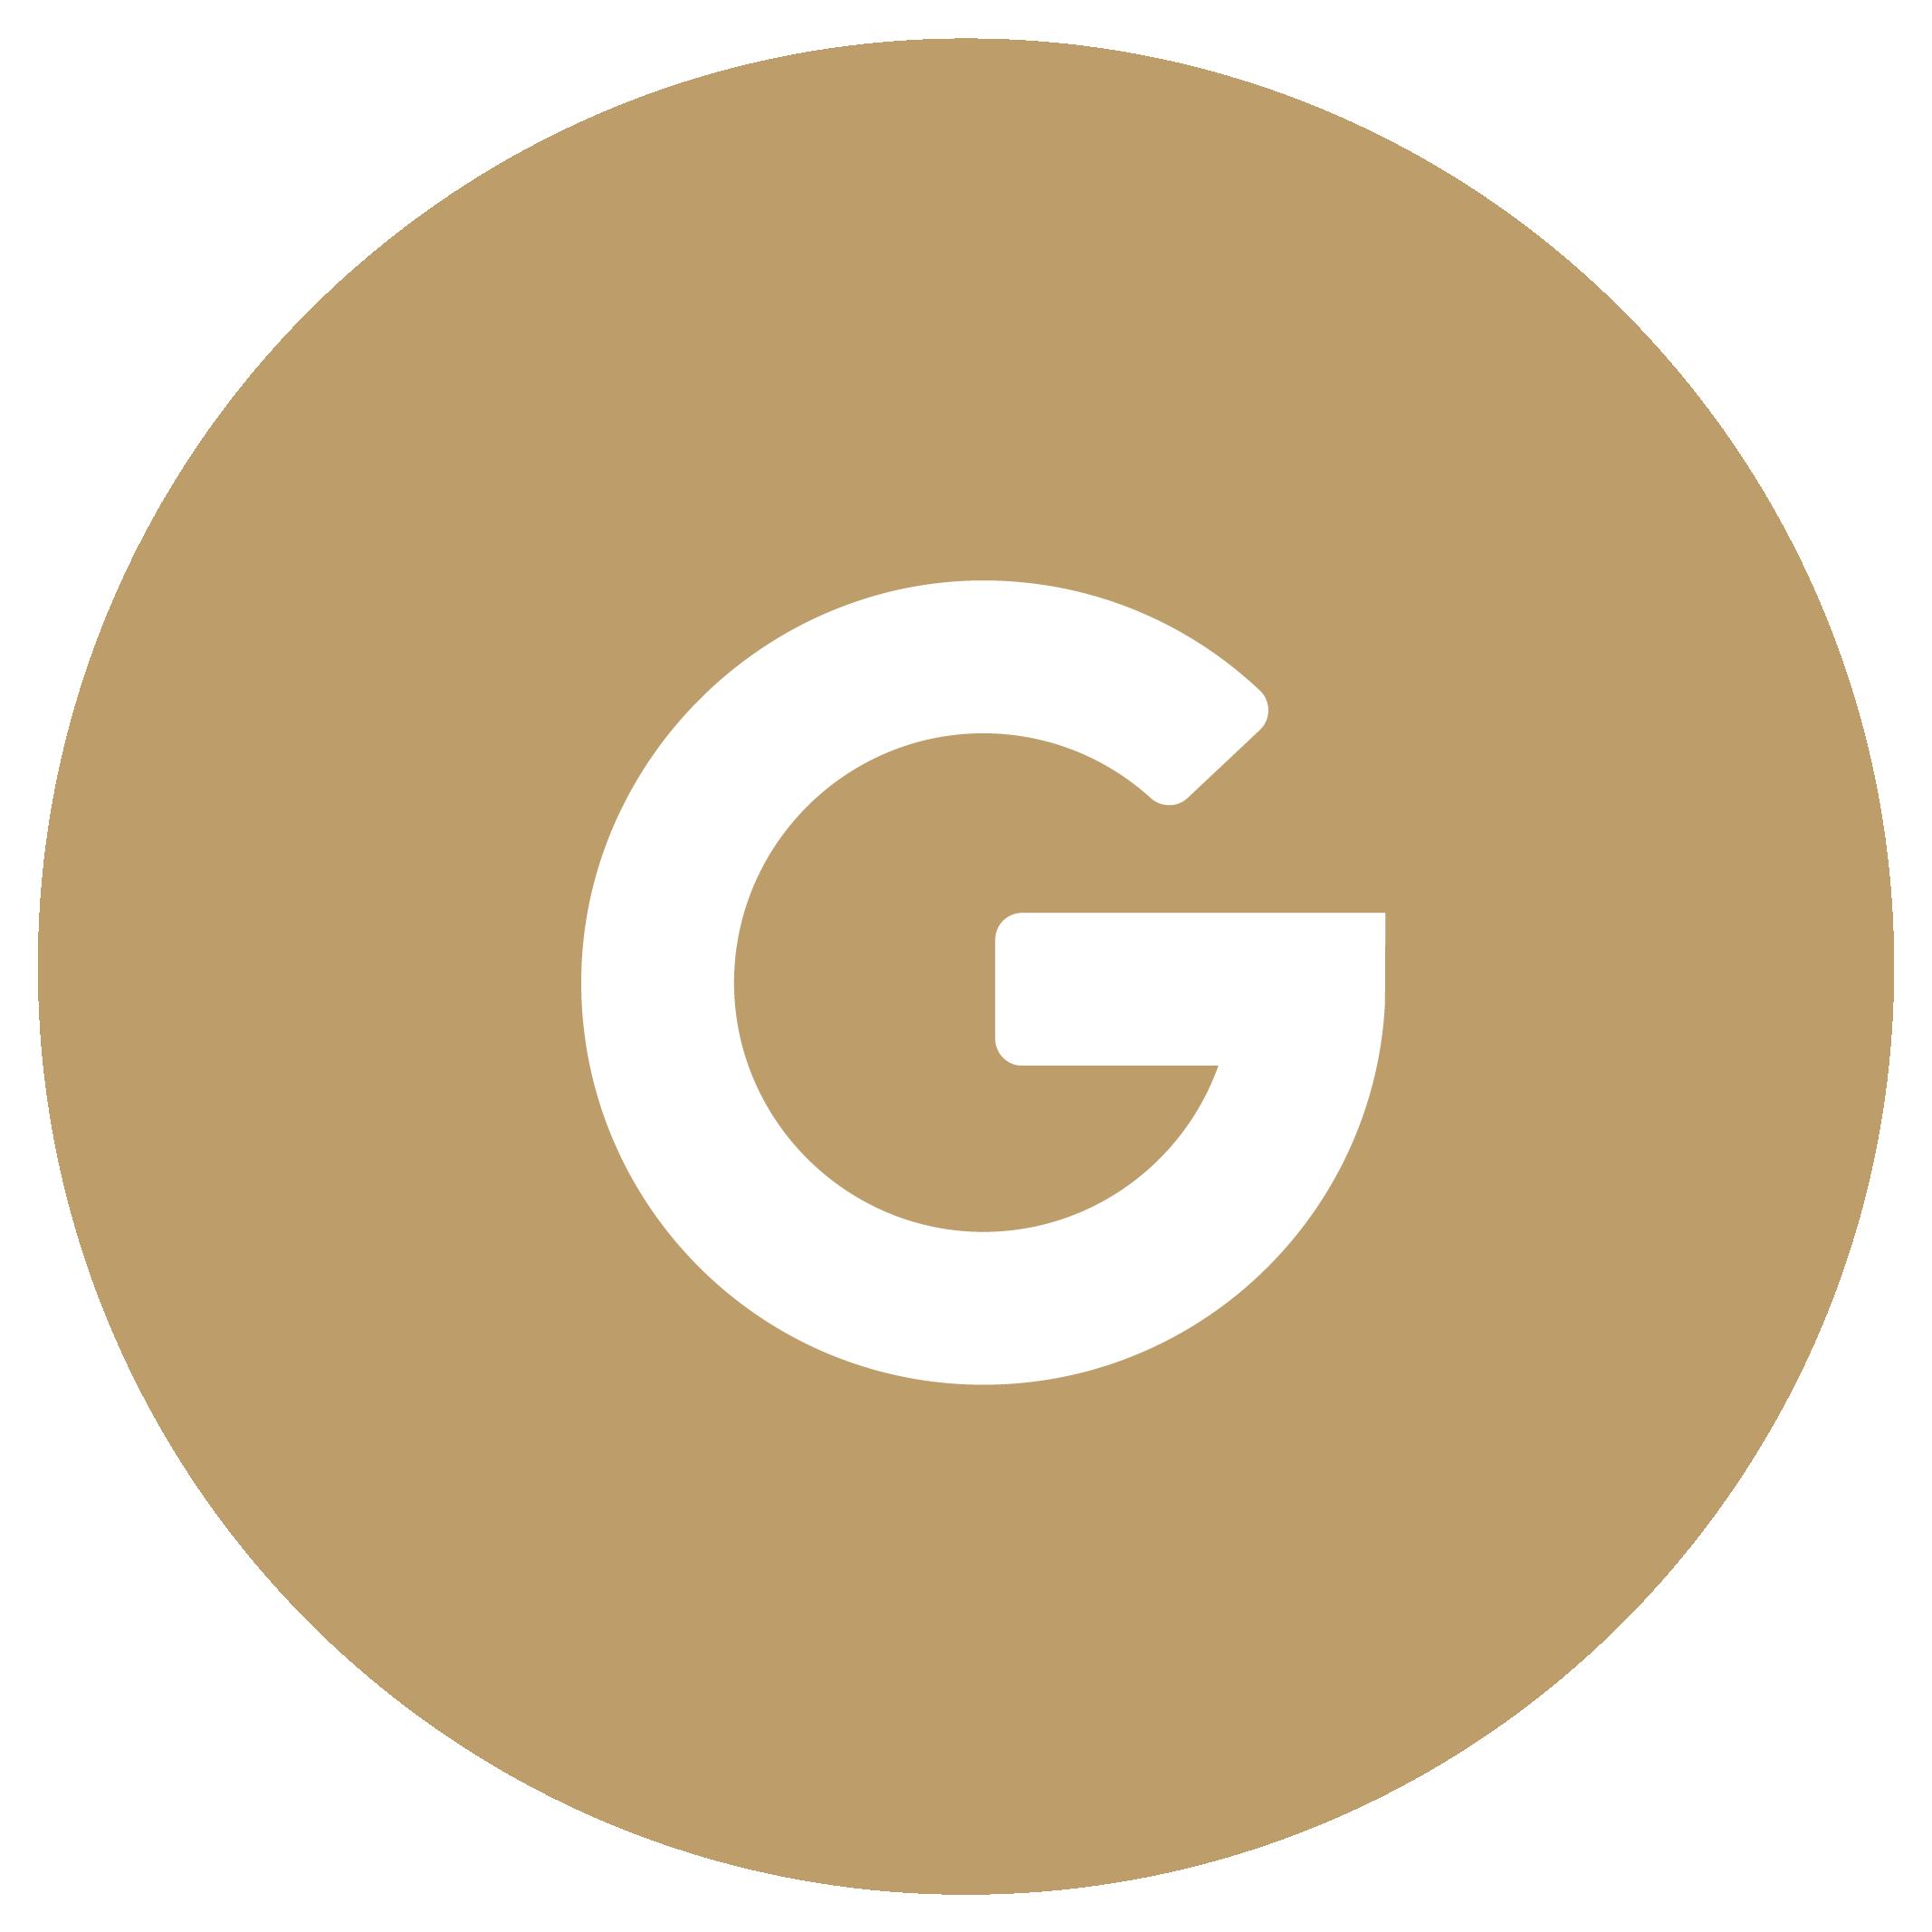 Icoon Google